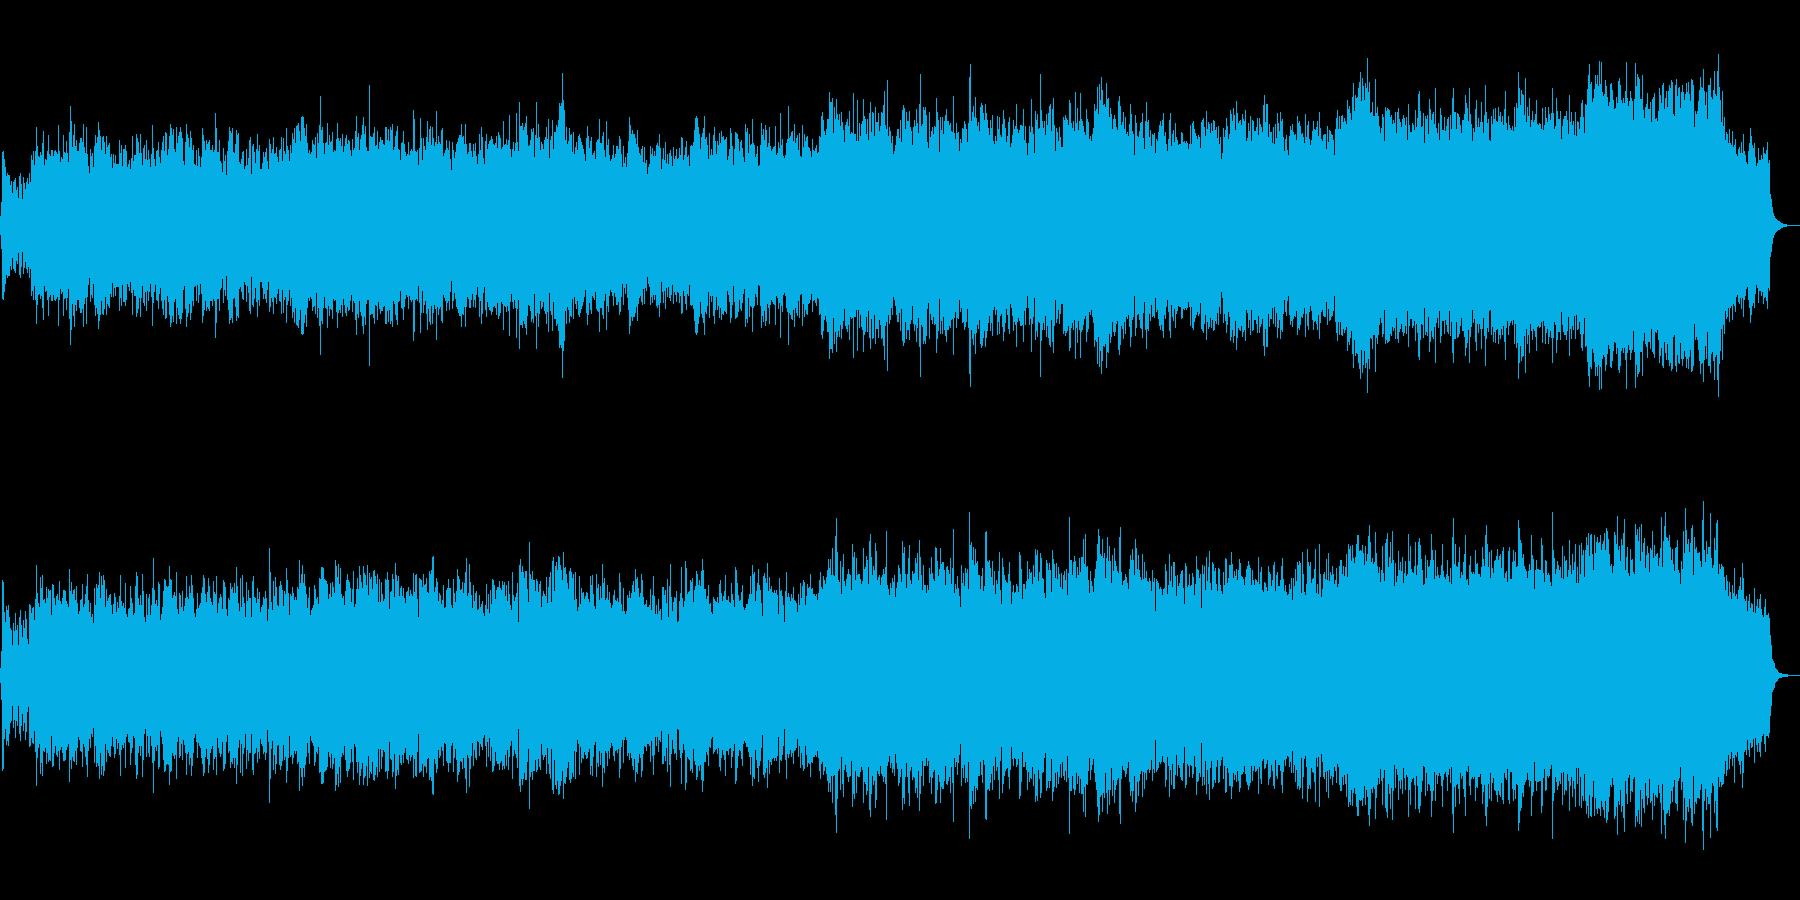 生トランペット収録!希望的なオーケストラの再生済みの波形